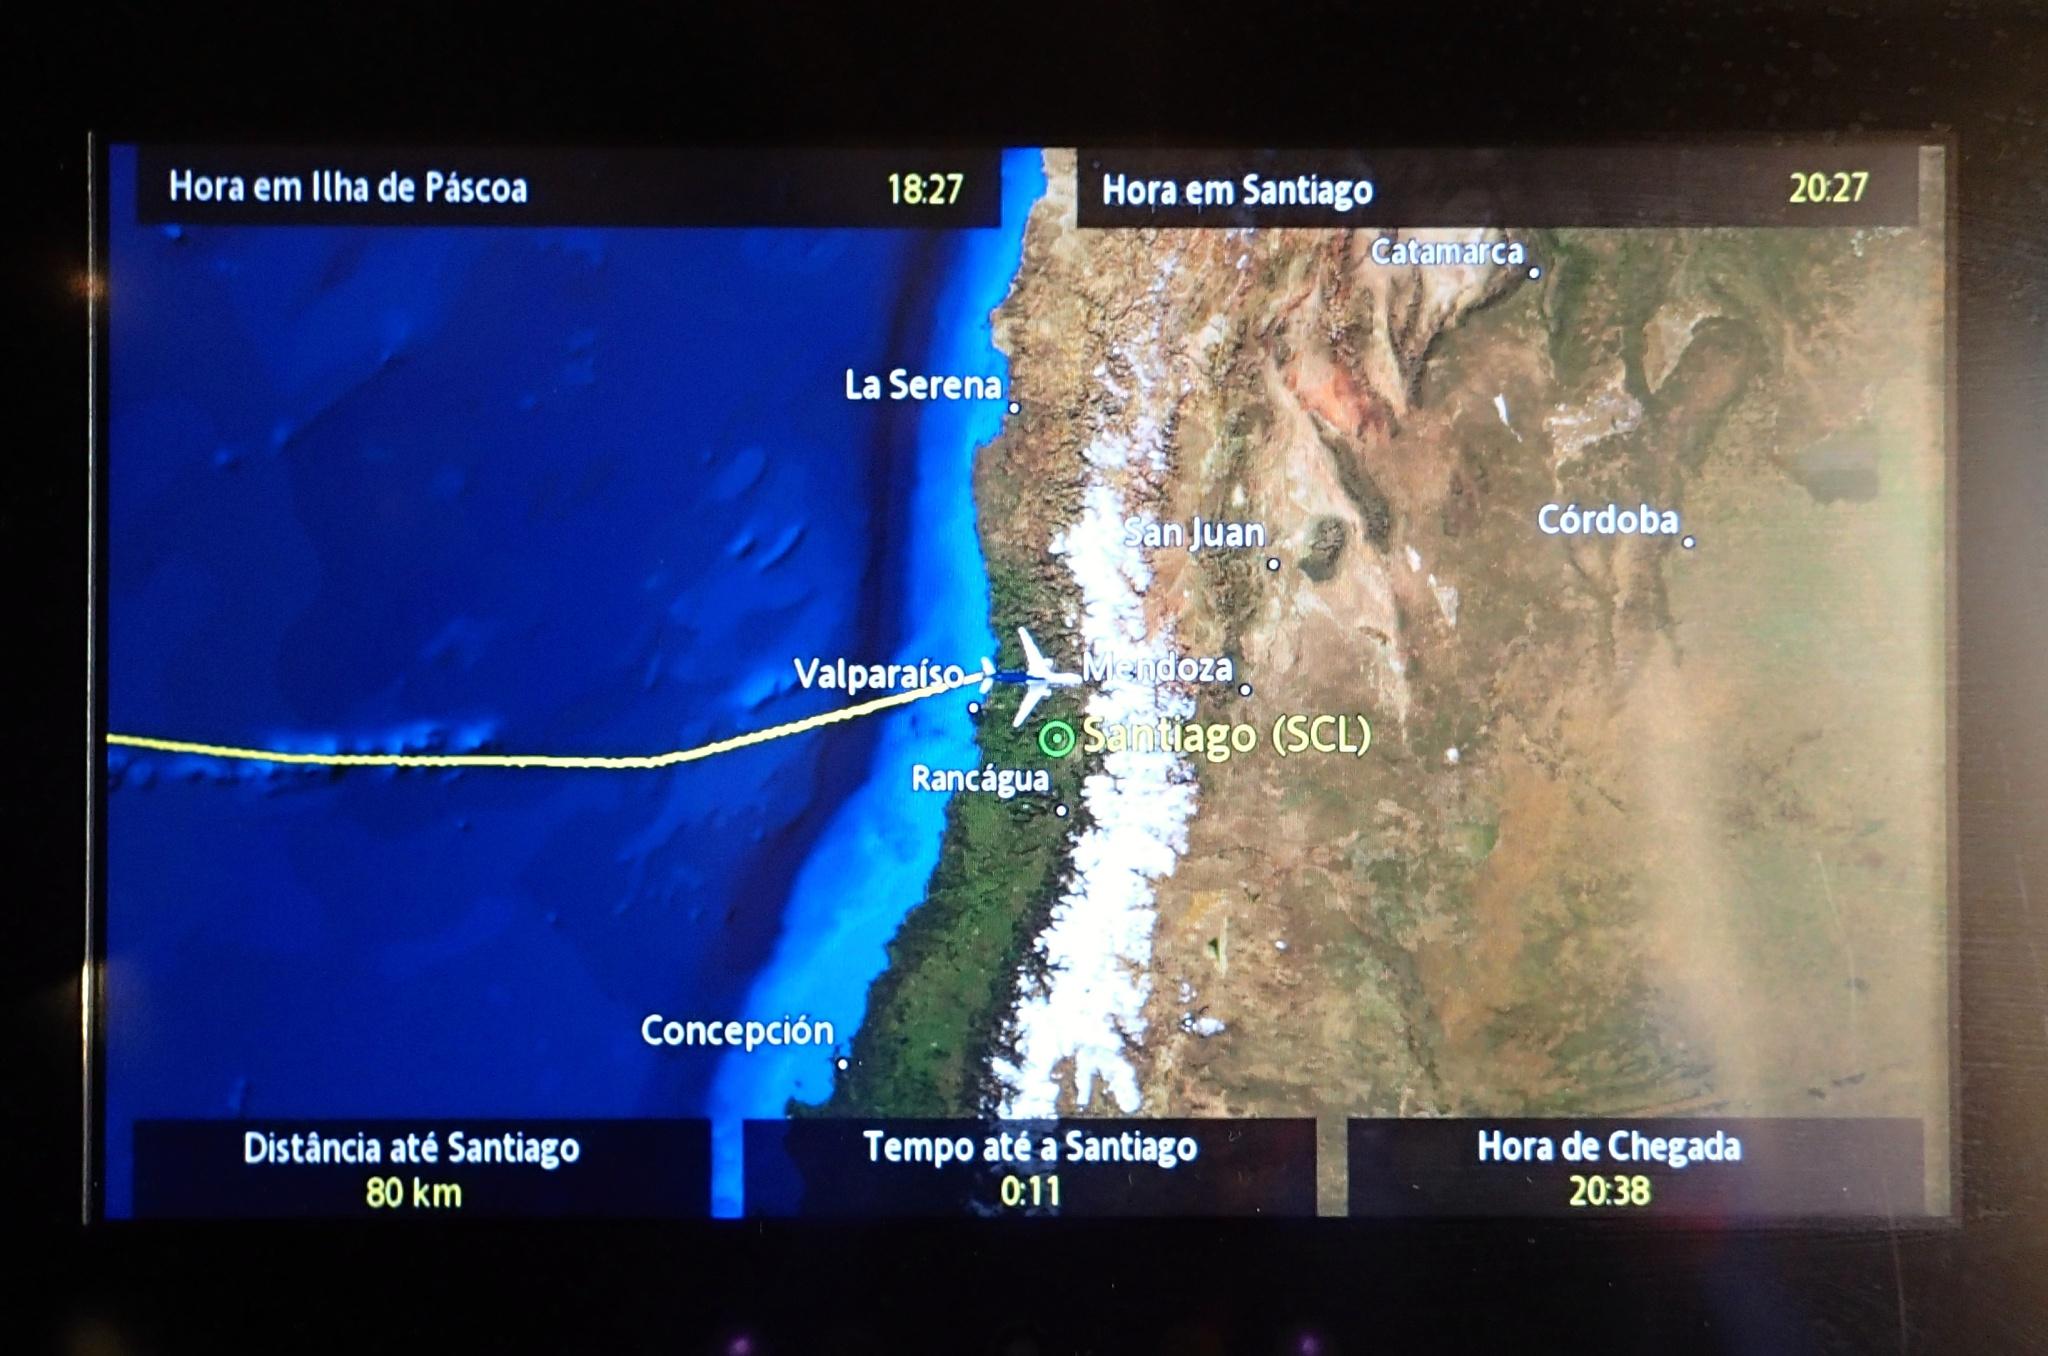 Ještě pár minut a jsme v Santiagu